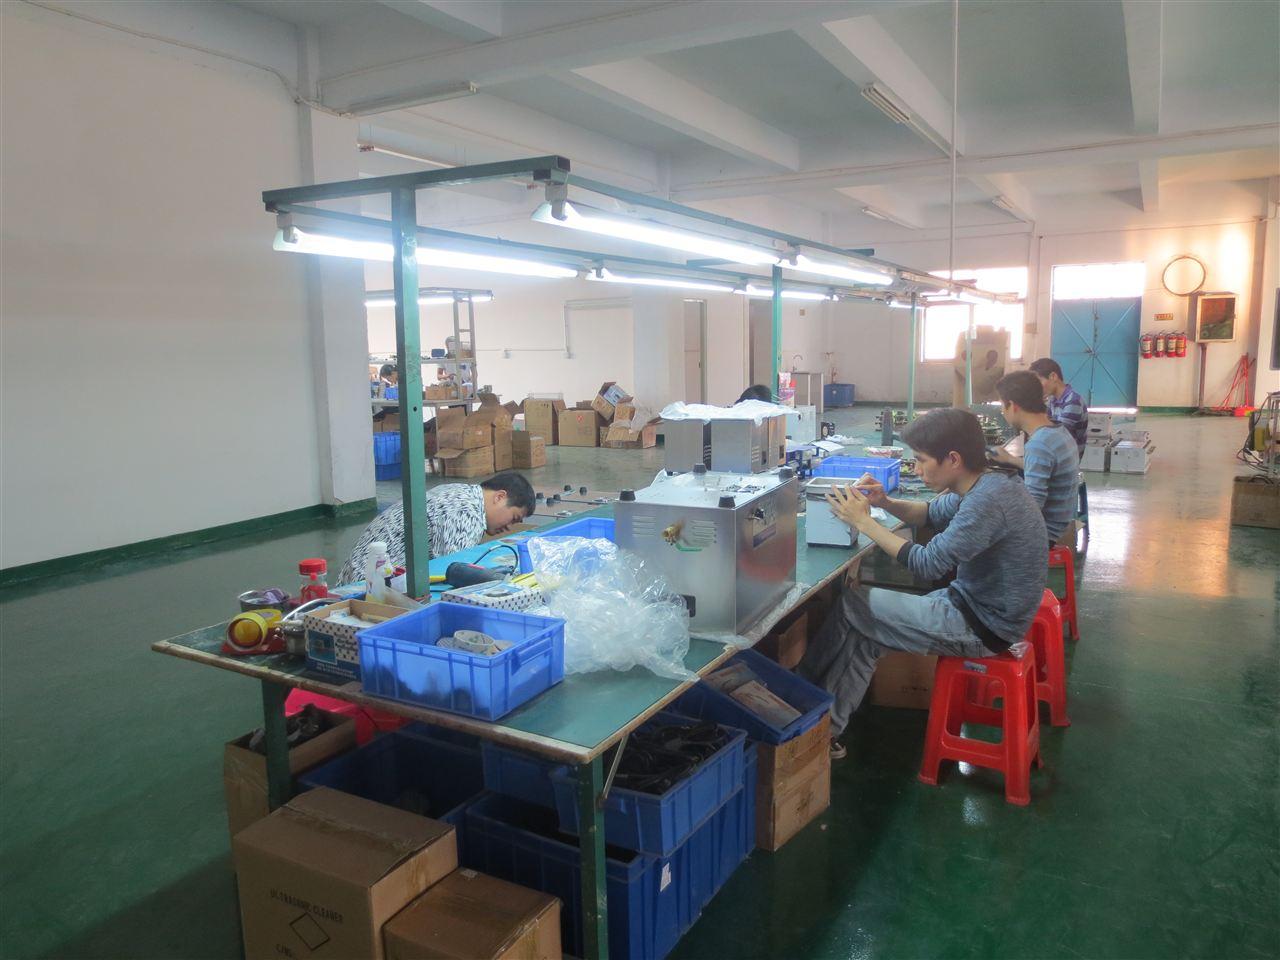 智能扫地机器人吸尘器进行研发,生产及销售综合性的高科技企业,专业